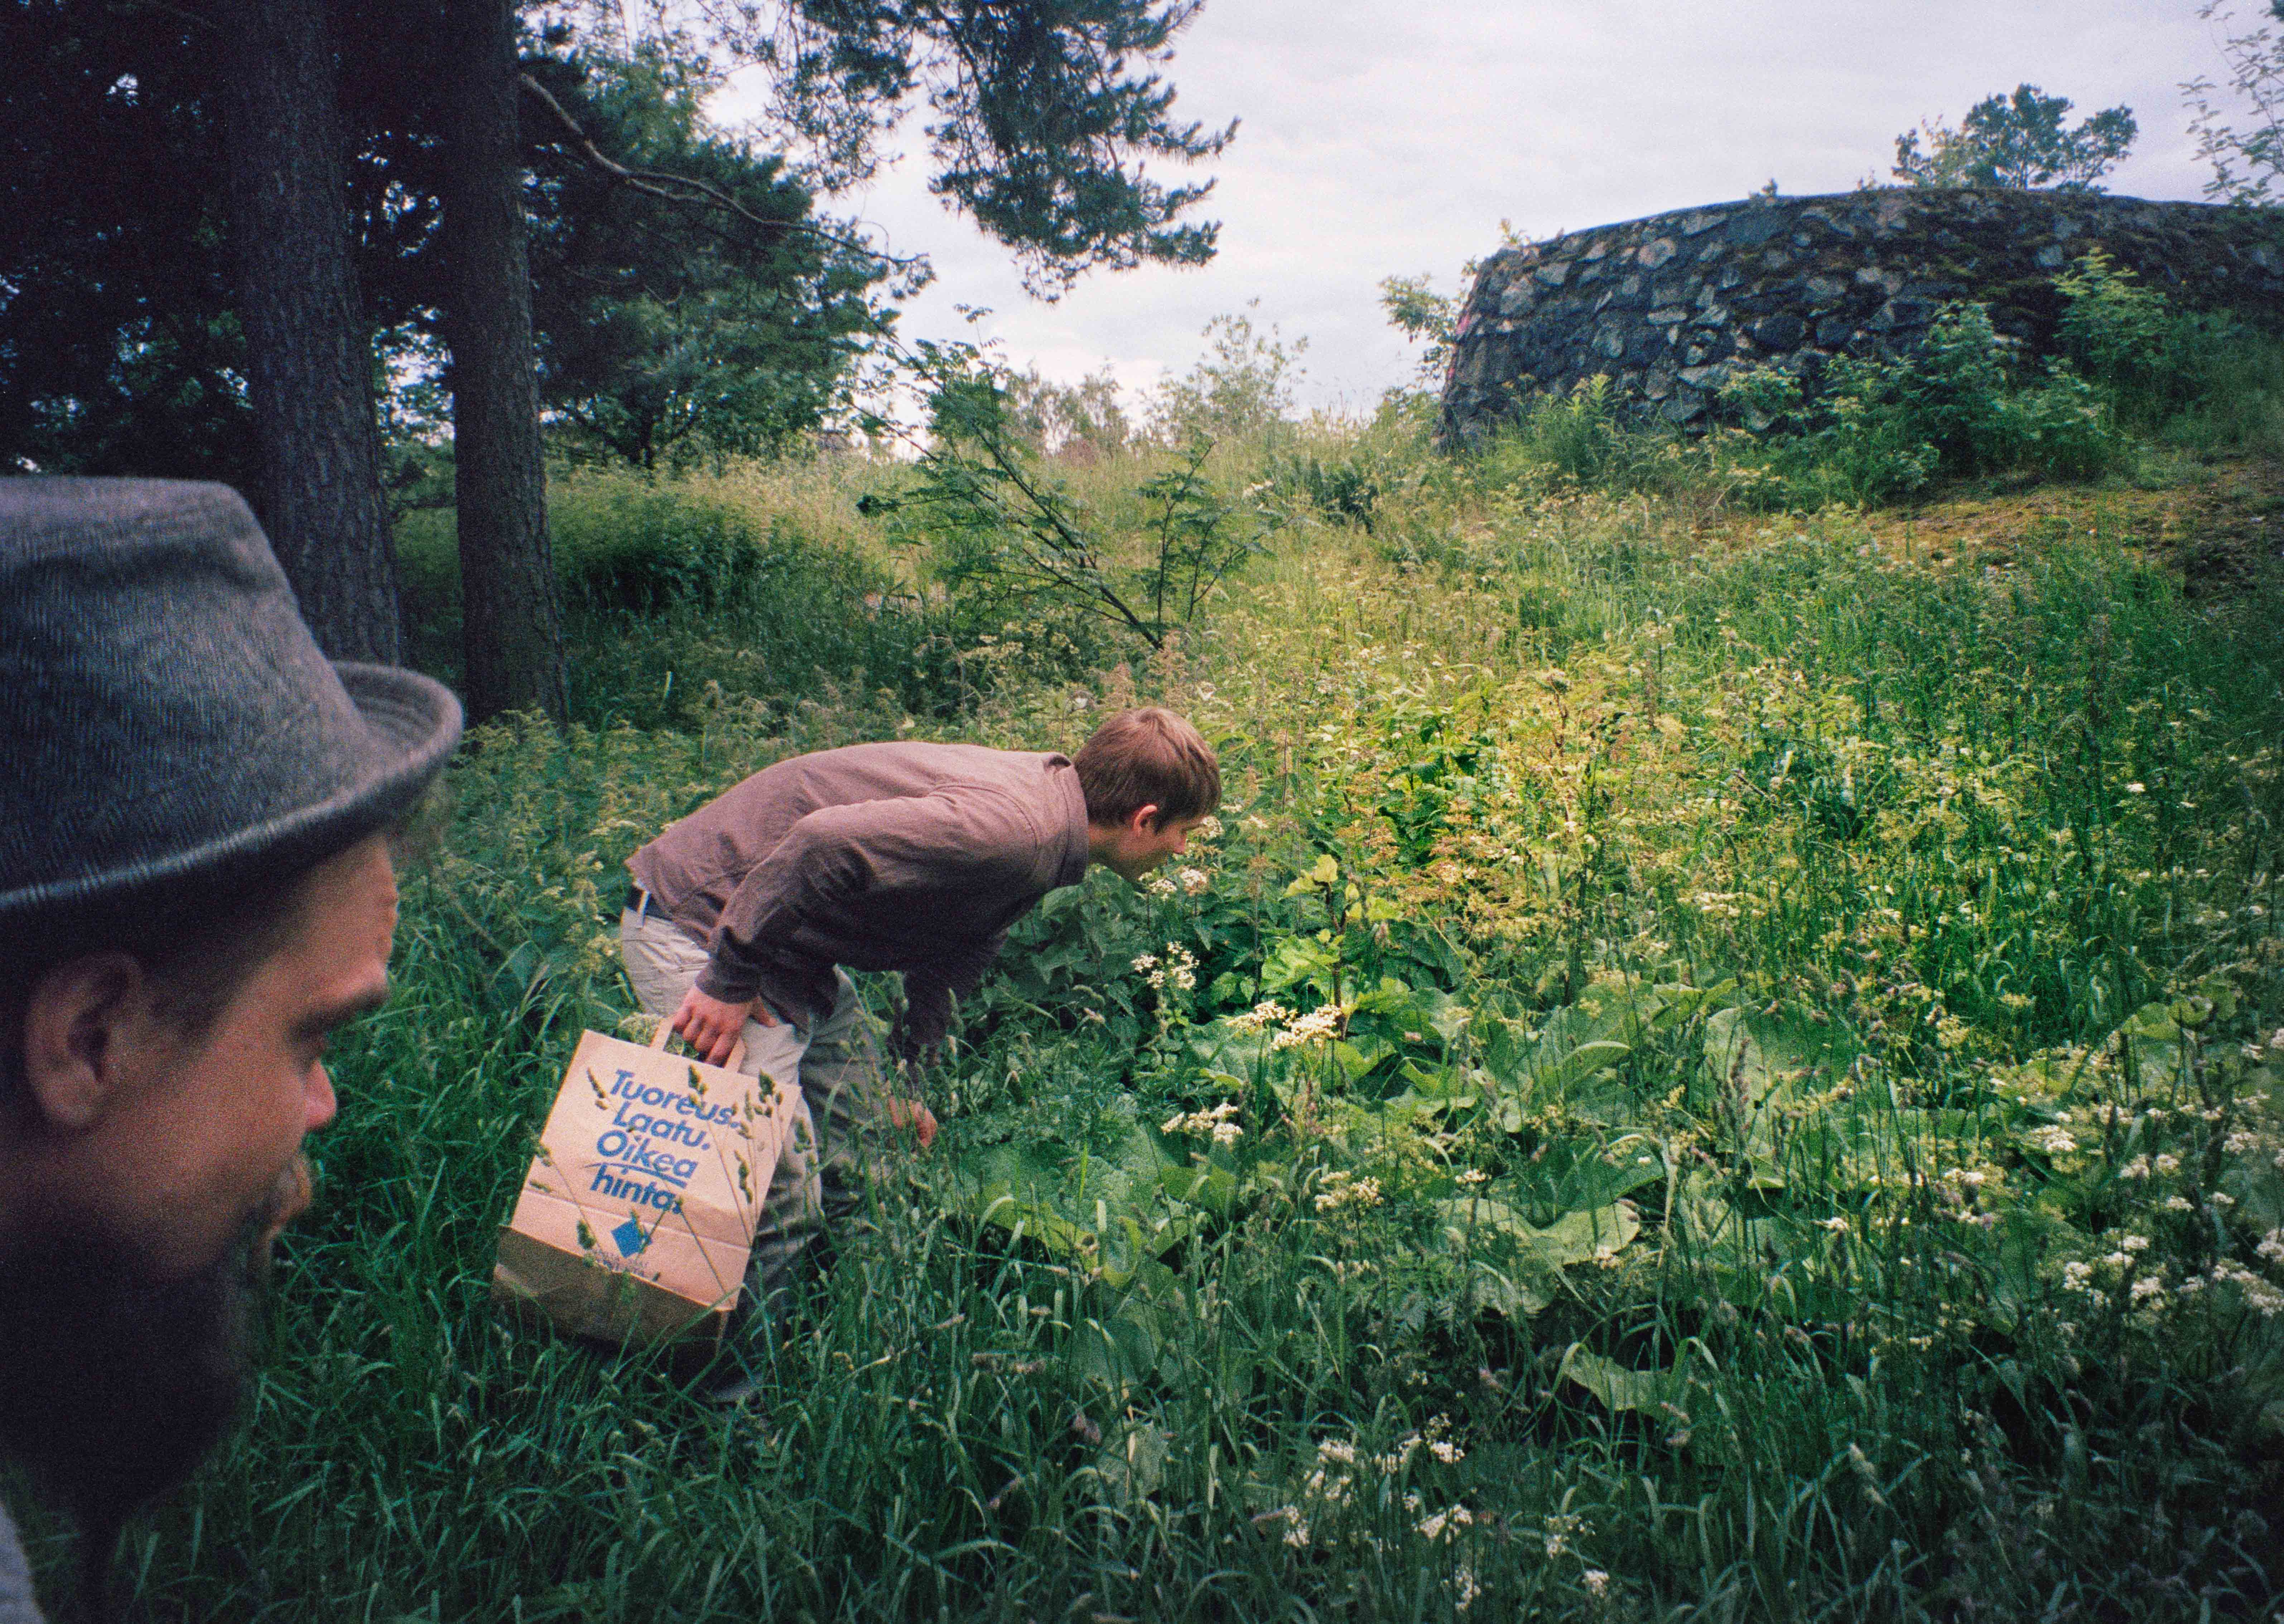 Huck-HelsinkiRewilding-Photoby-OssiPiispanen-Web12